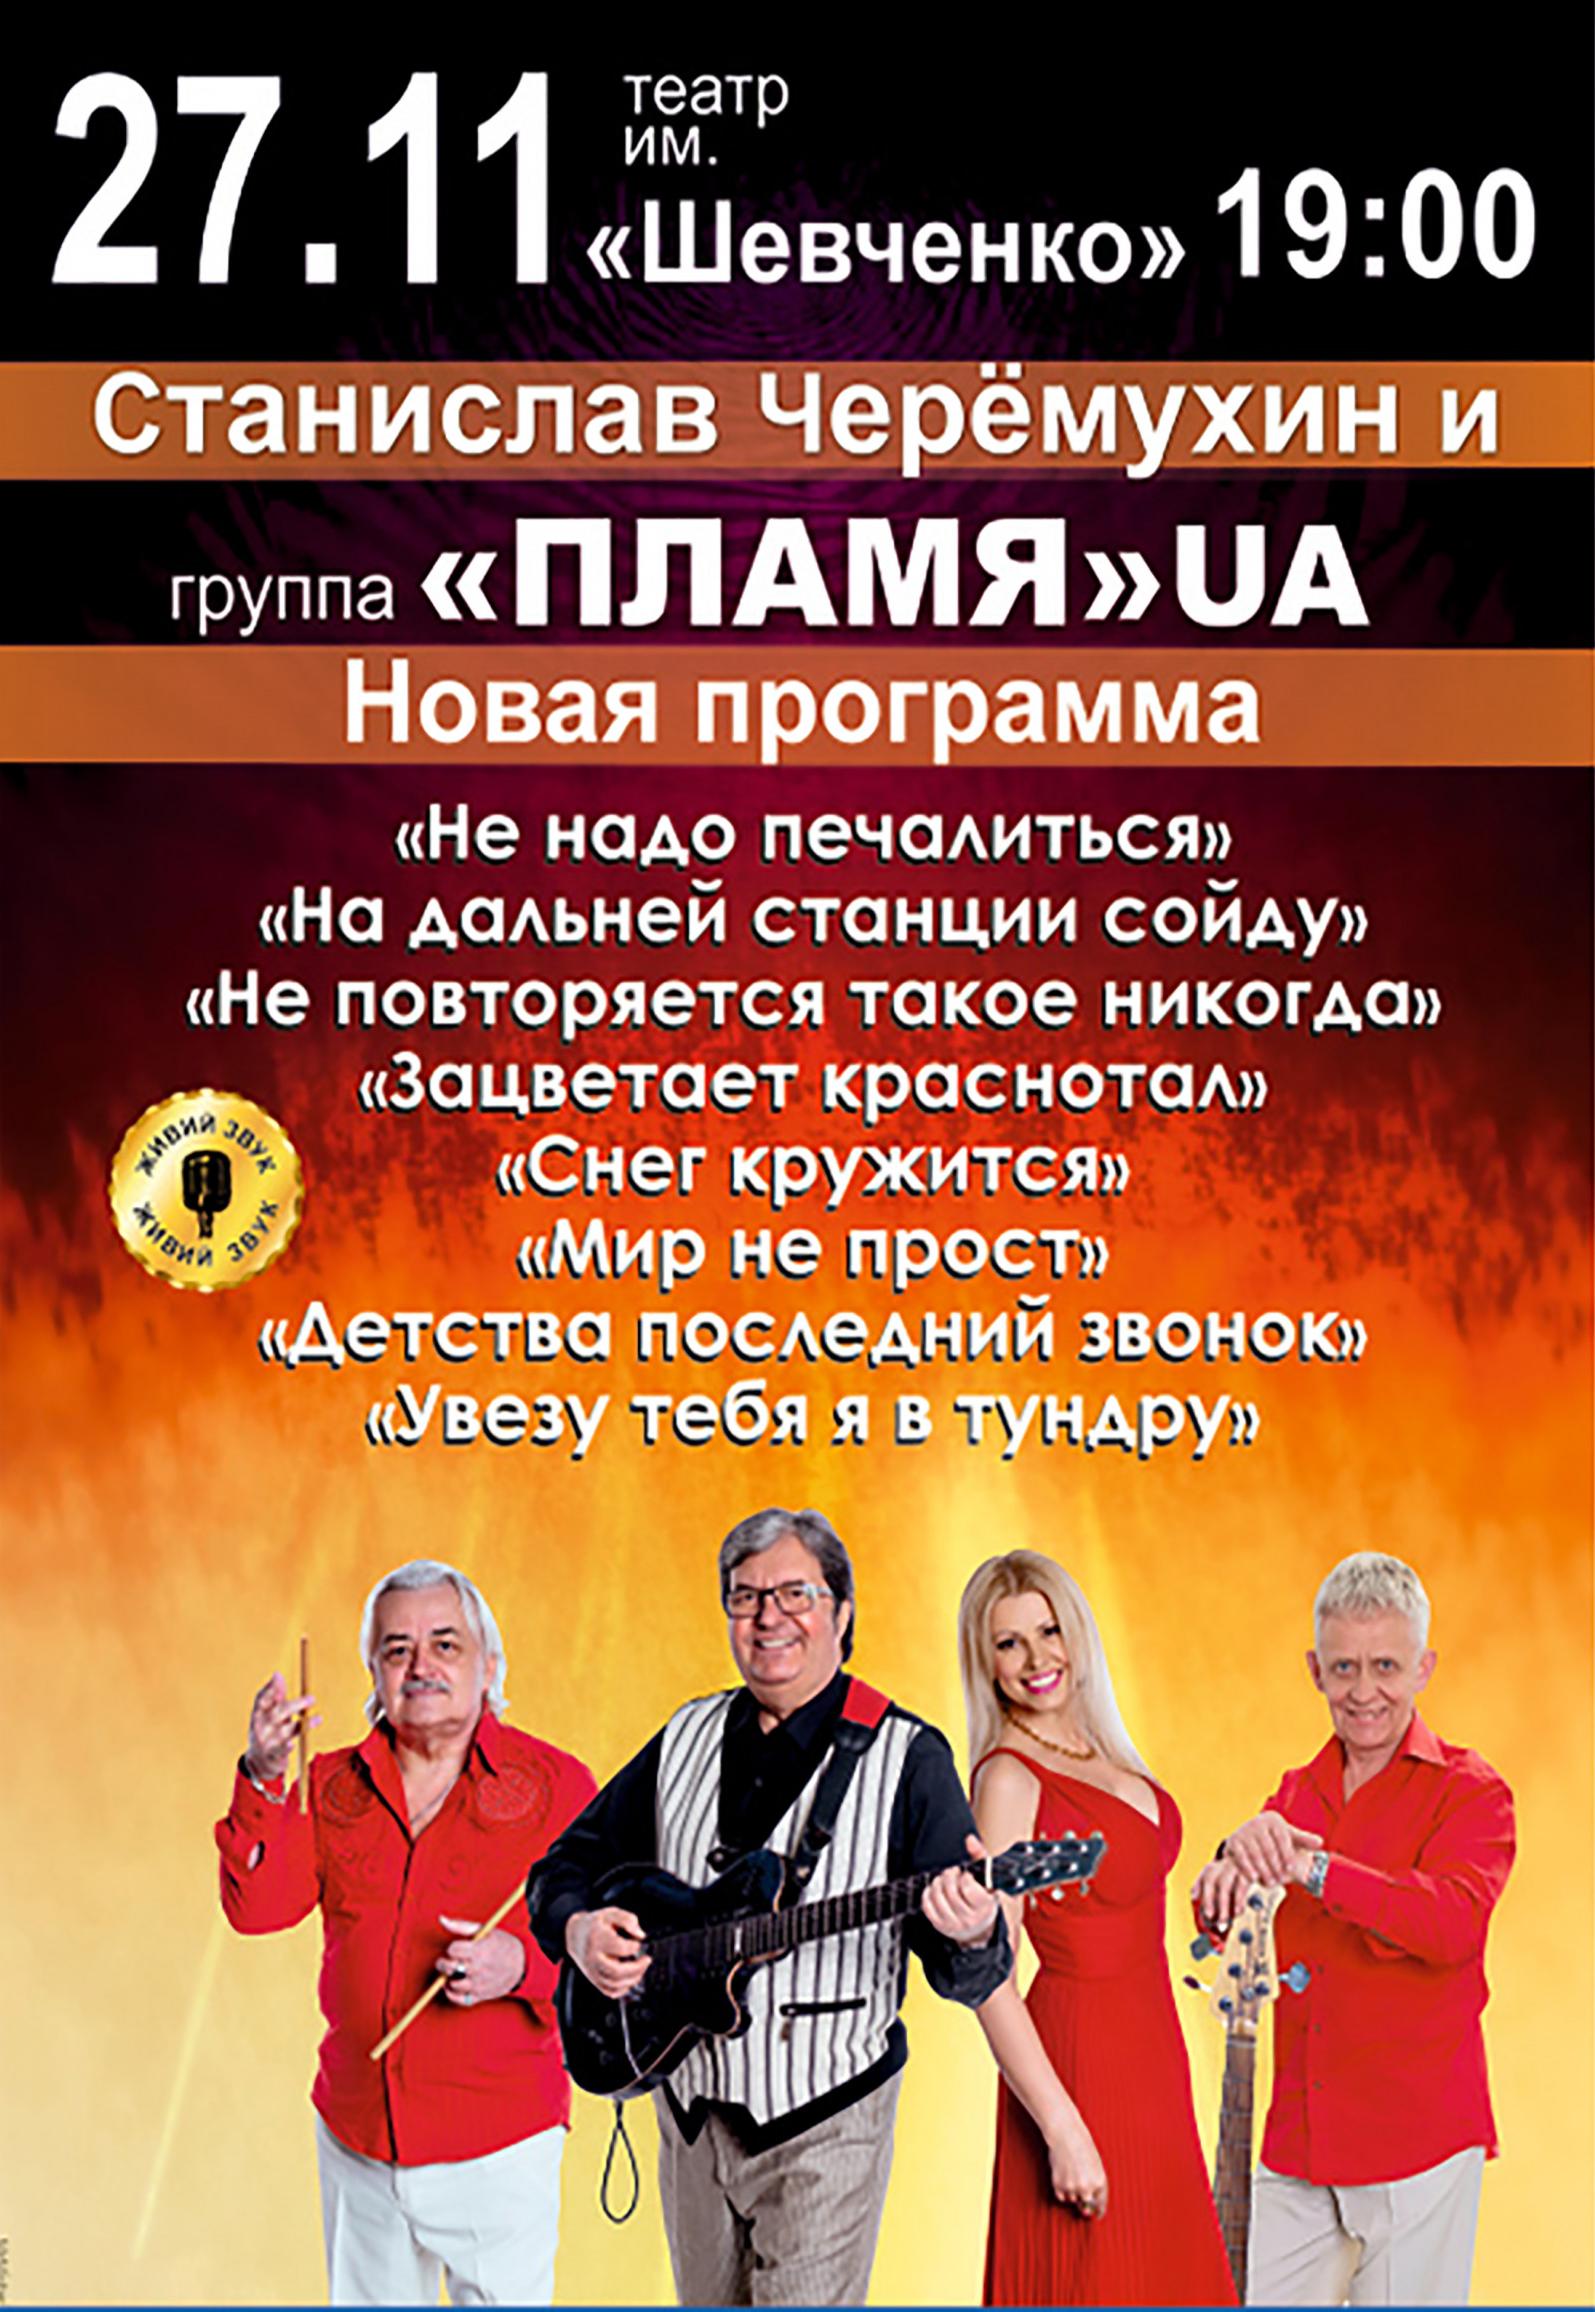 Билеты в театр шевченко кривой рог купить билеты кино рио ленинский